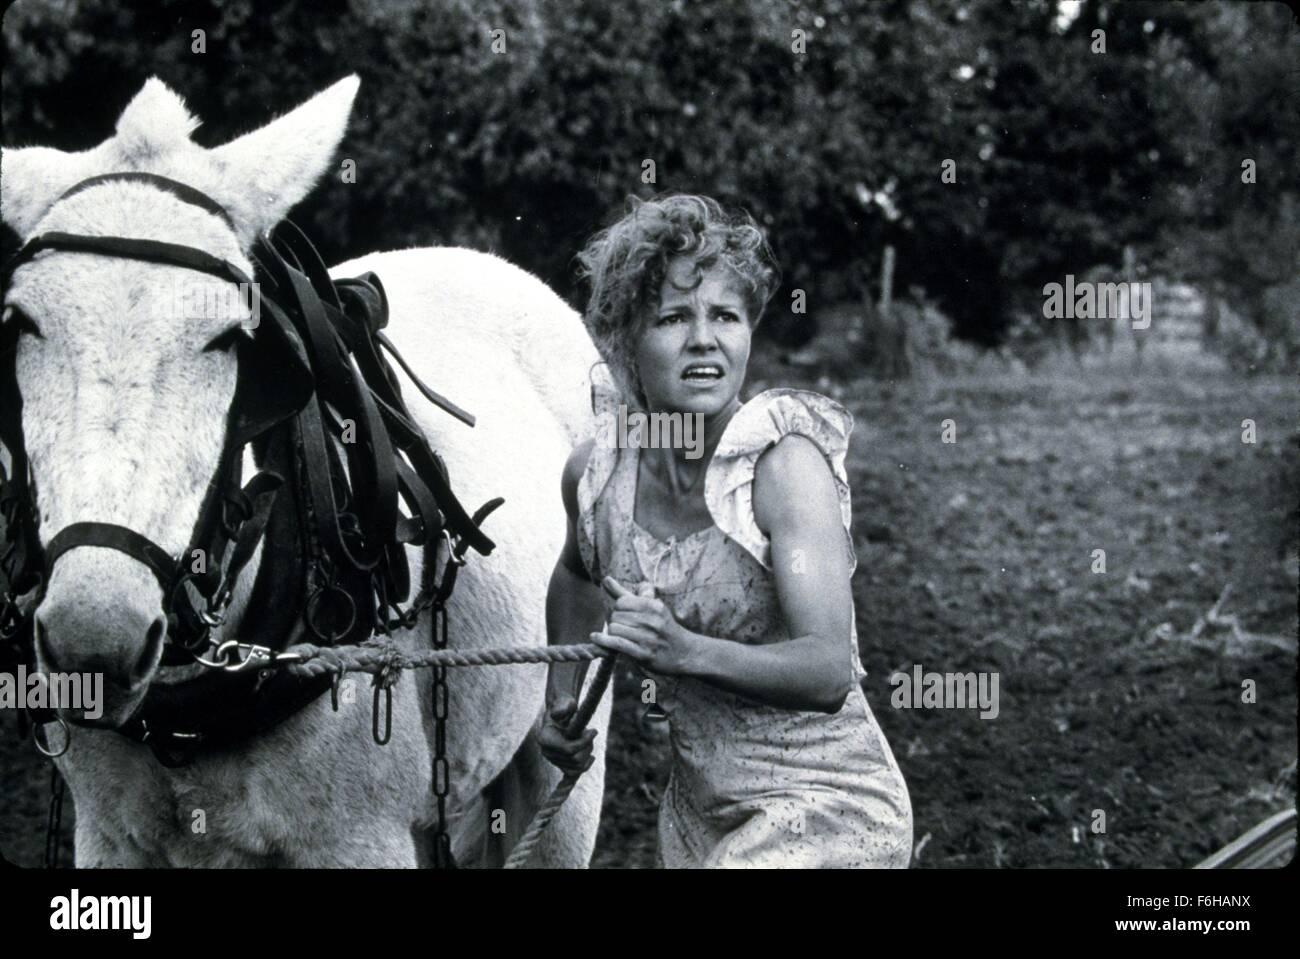 Data di rilascio: Settembre 21, 1984 il titolo del filmato: pone nel cuore Regista: robert Benton STUDIO: TriStar Immagini Stock